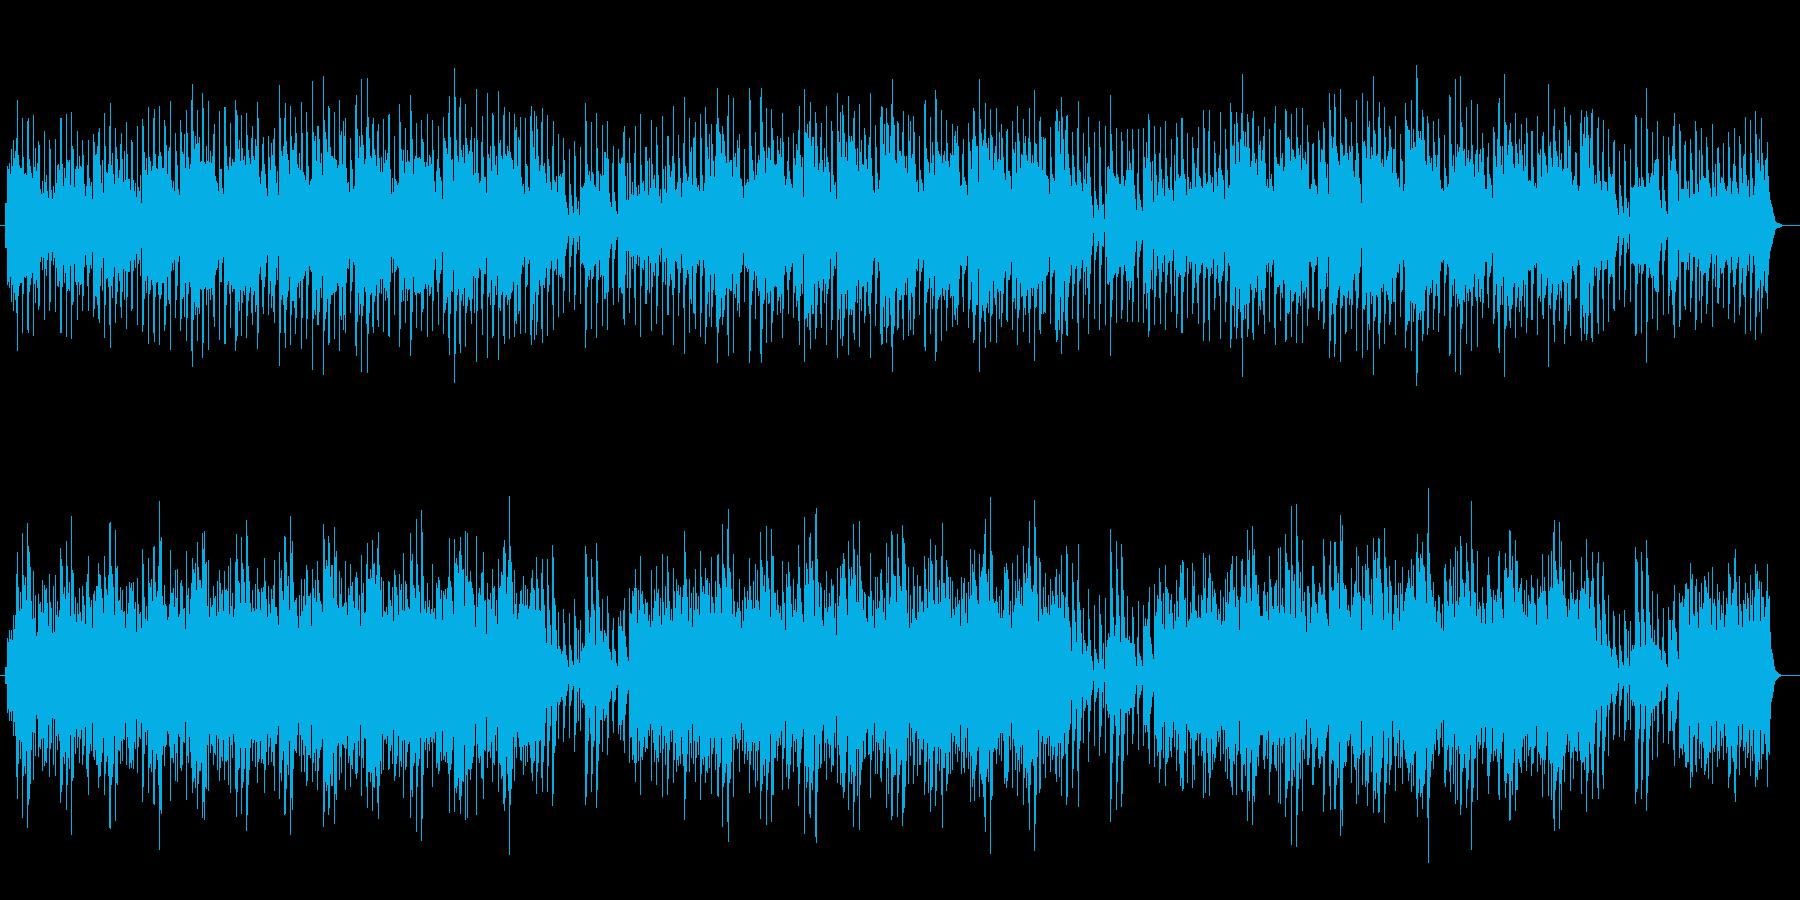 シンセによる宇宙的スケールを感じる行進曲の再生済みの波形